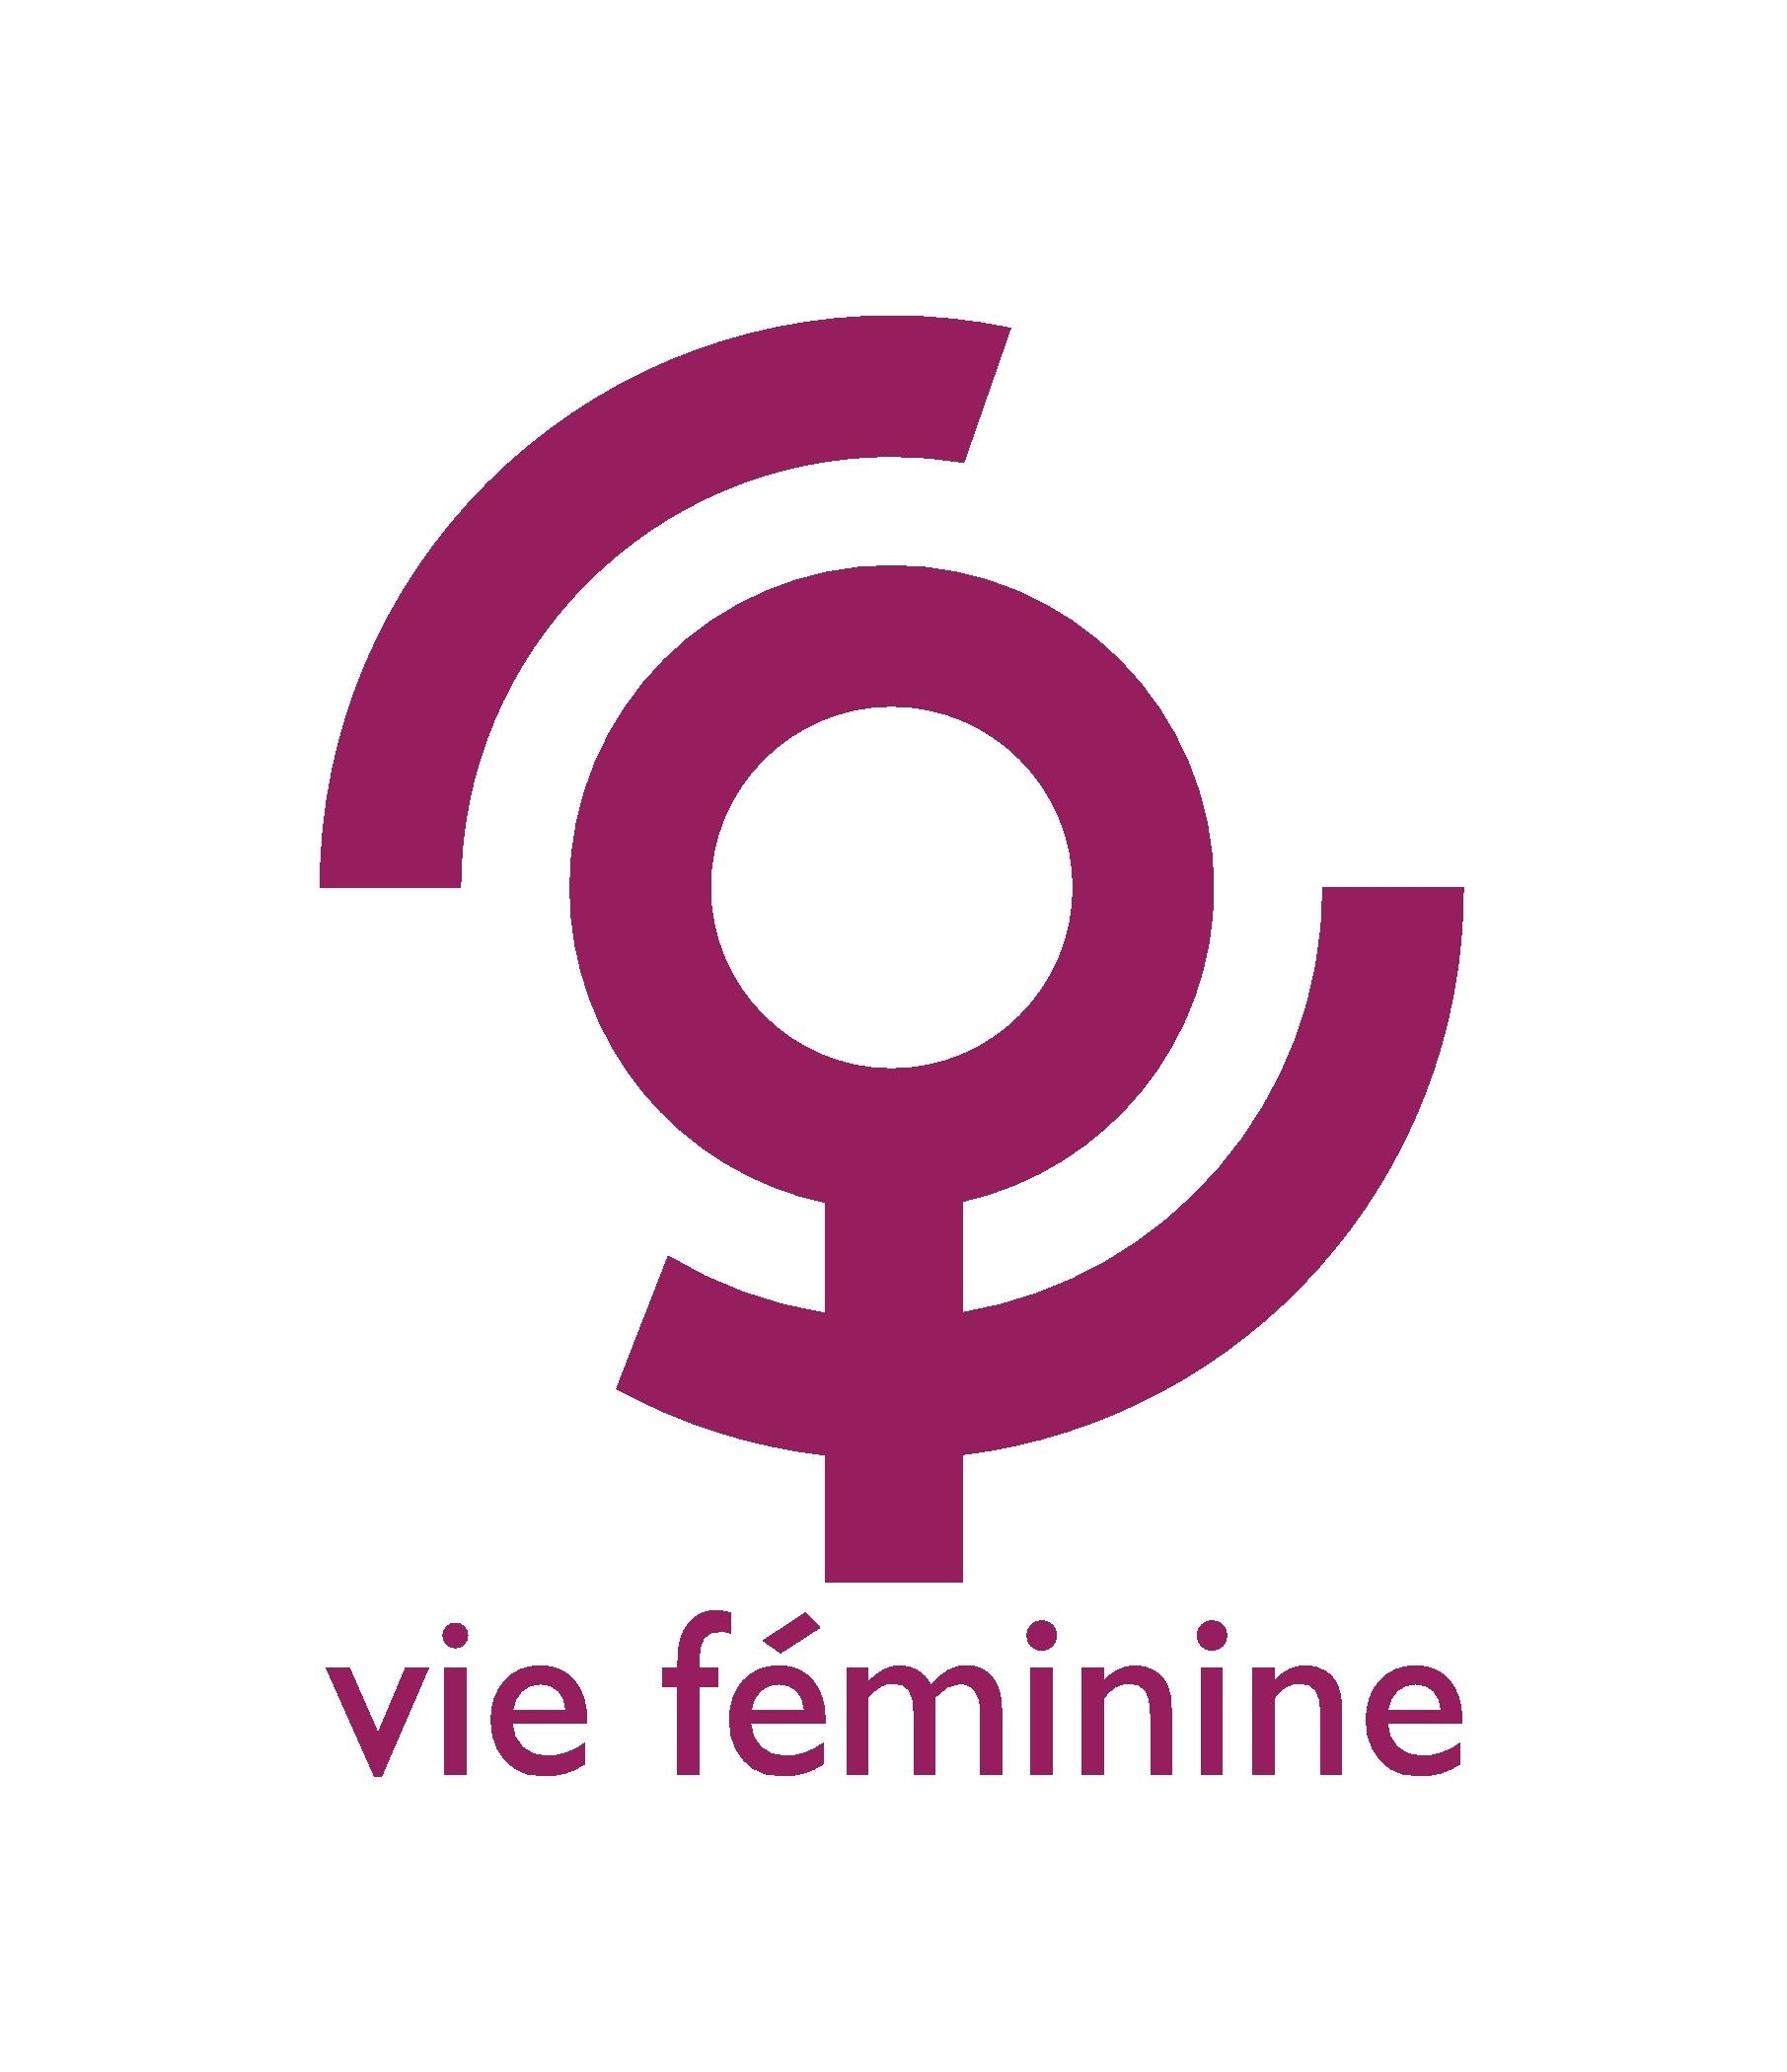 """Résultat de recherche d'images pour """"vie féminine"""""""